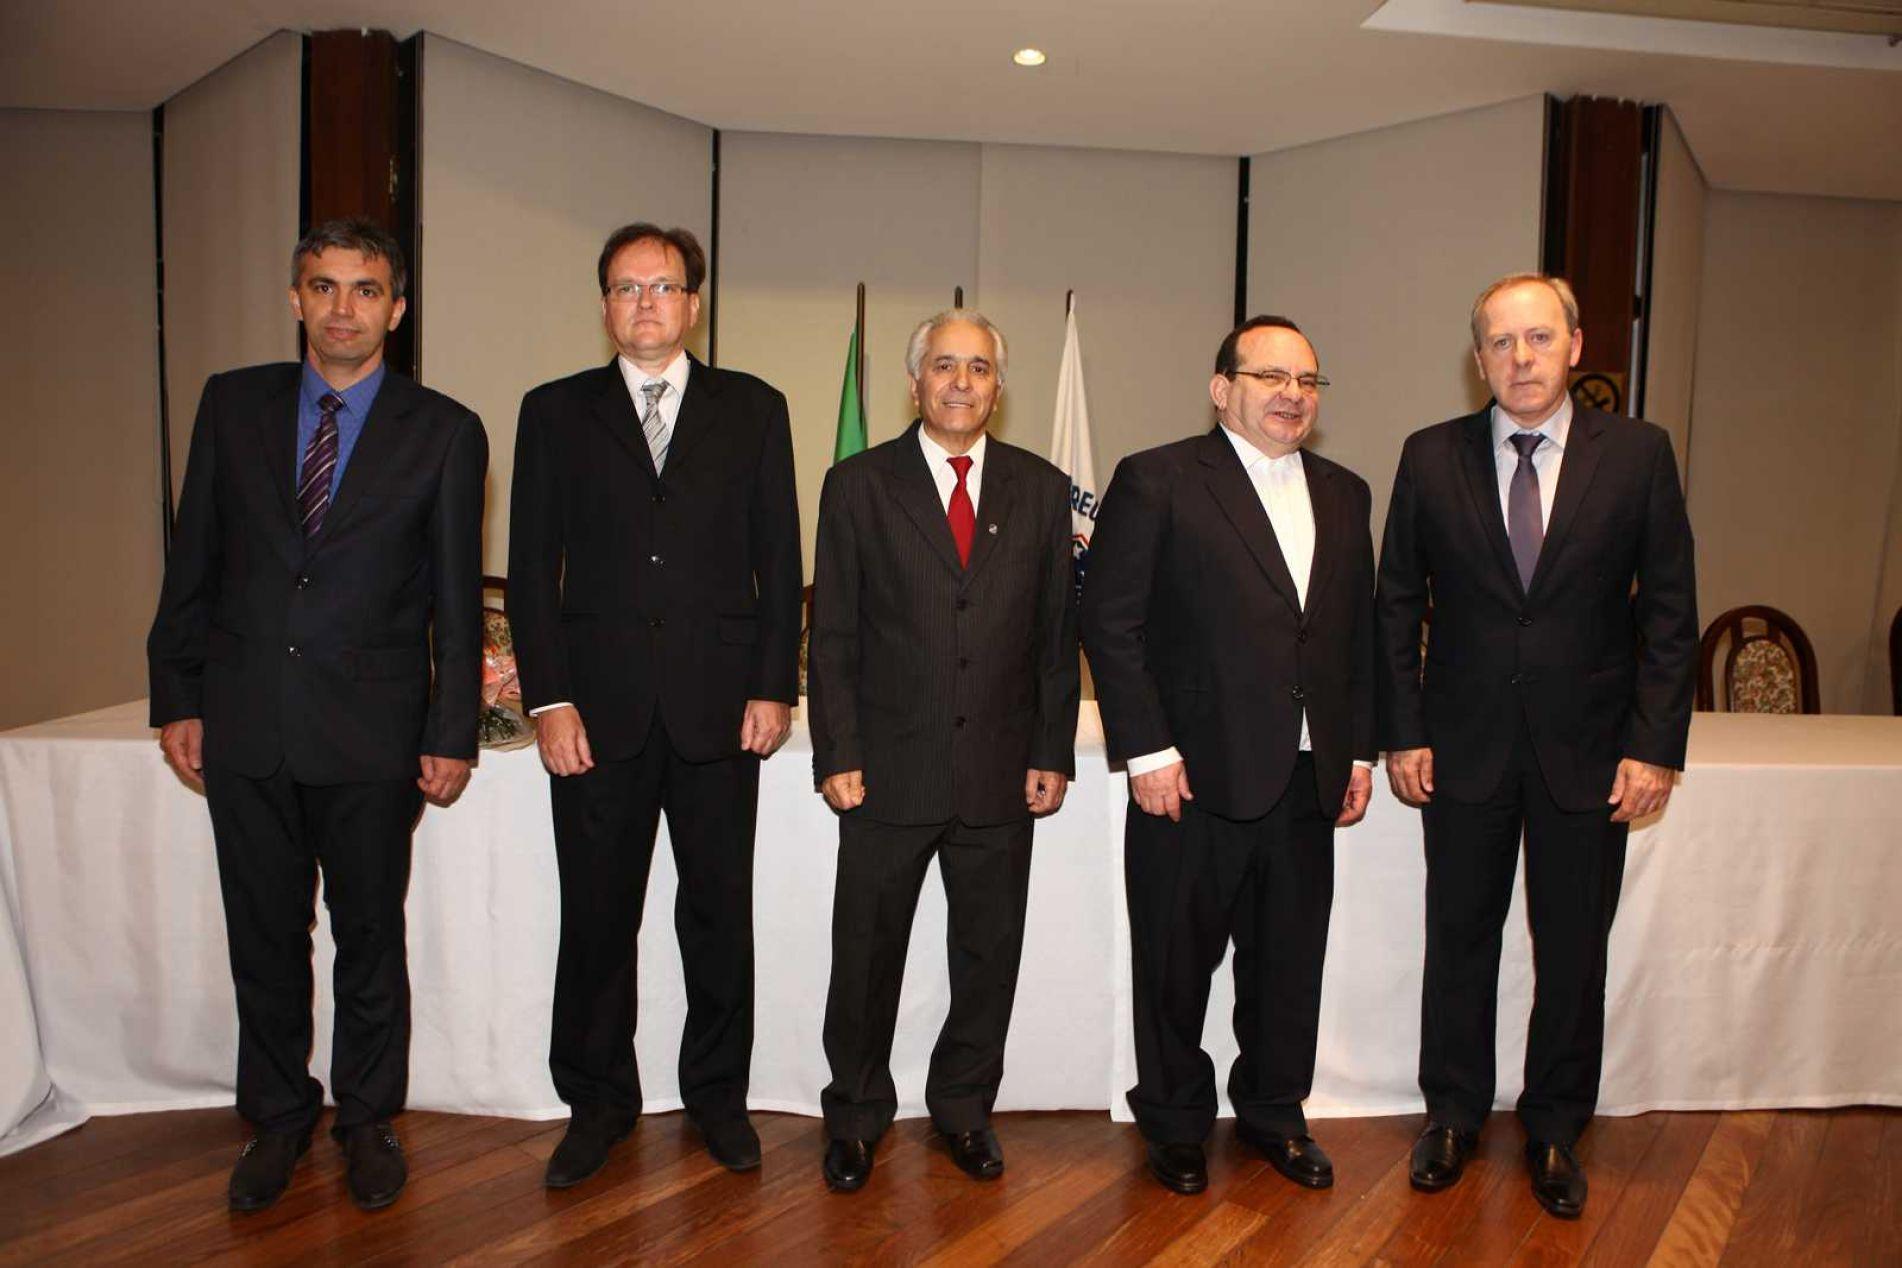 A nova diretoria, da esquerda para a direita: Michel Bevilaqua, 2o secretário; Gerson Taschetto, 1o secretário; Valnei Vieira, presidente; Júlio Cézar Copetti, vice-presidente; Régis Pozzobon, assessor jurídico.